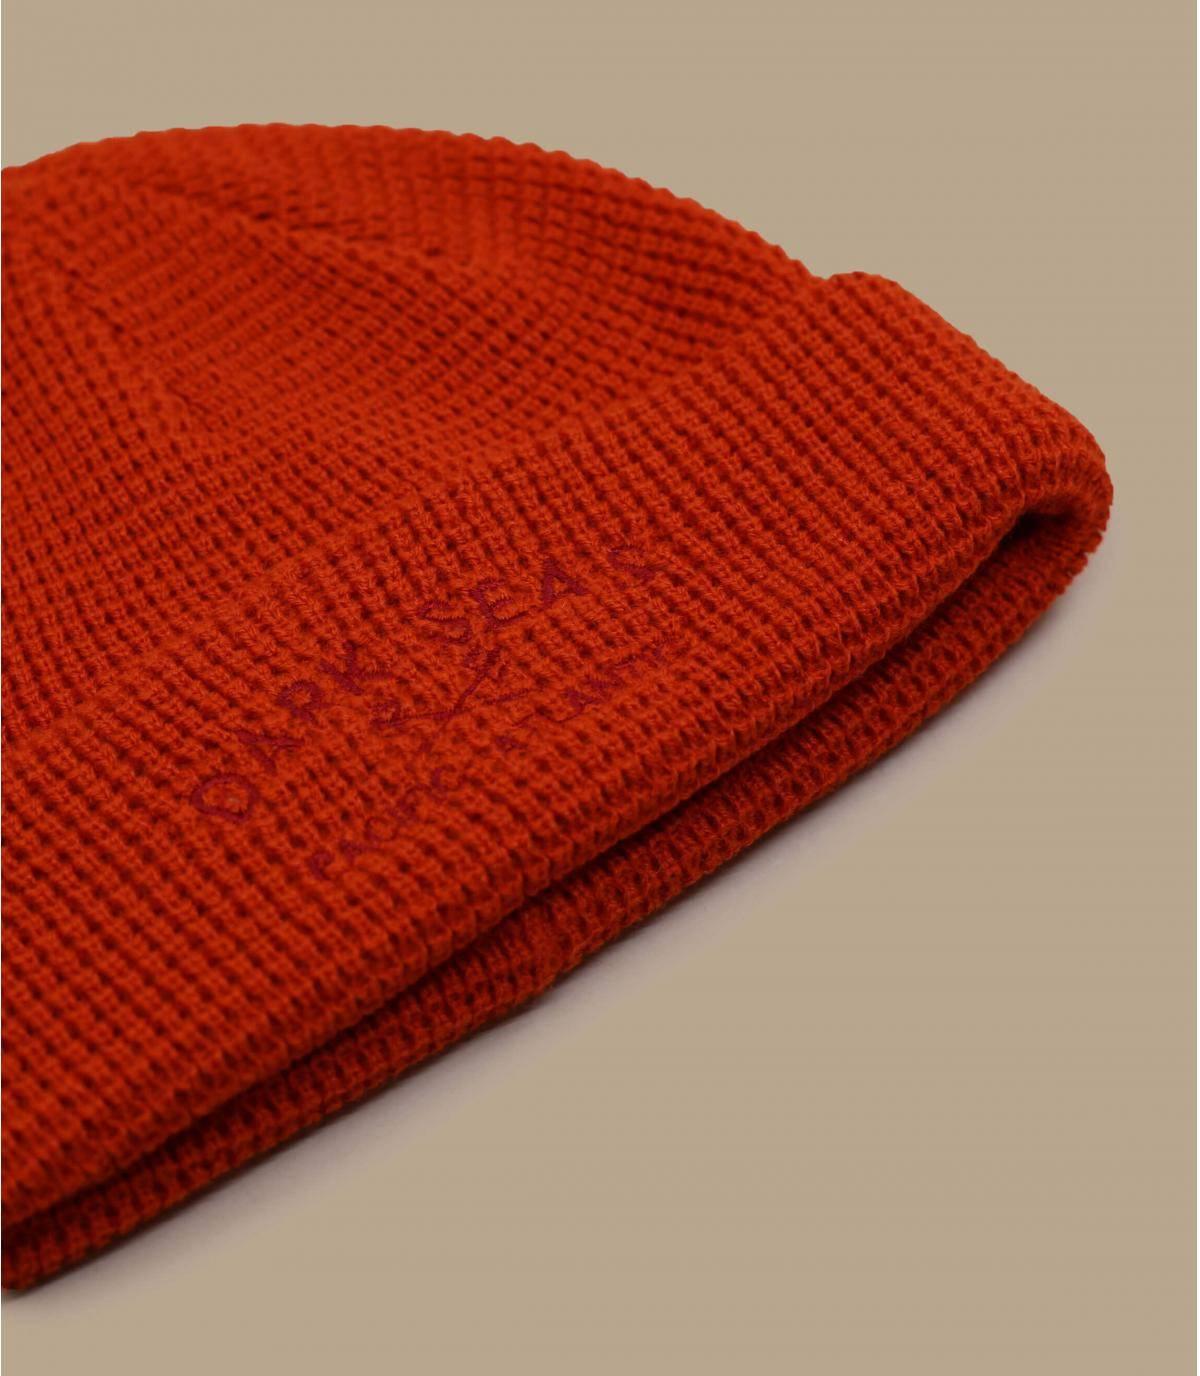 Detalles Red Cloud orange imagen 3